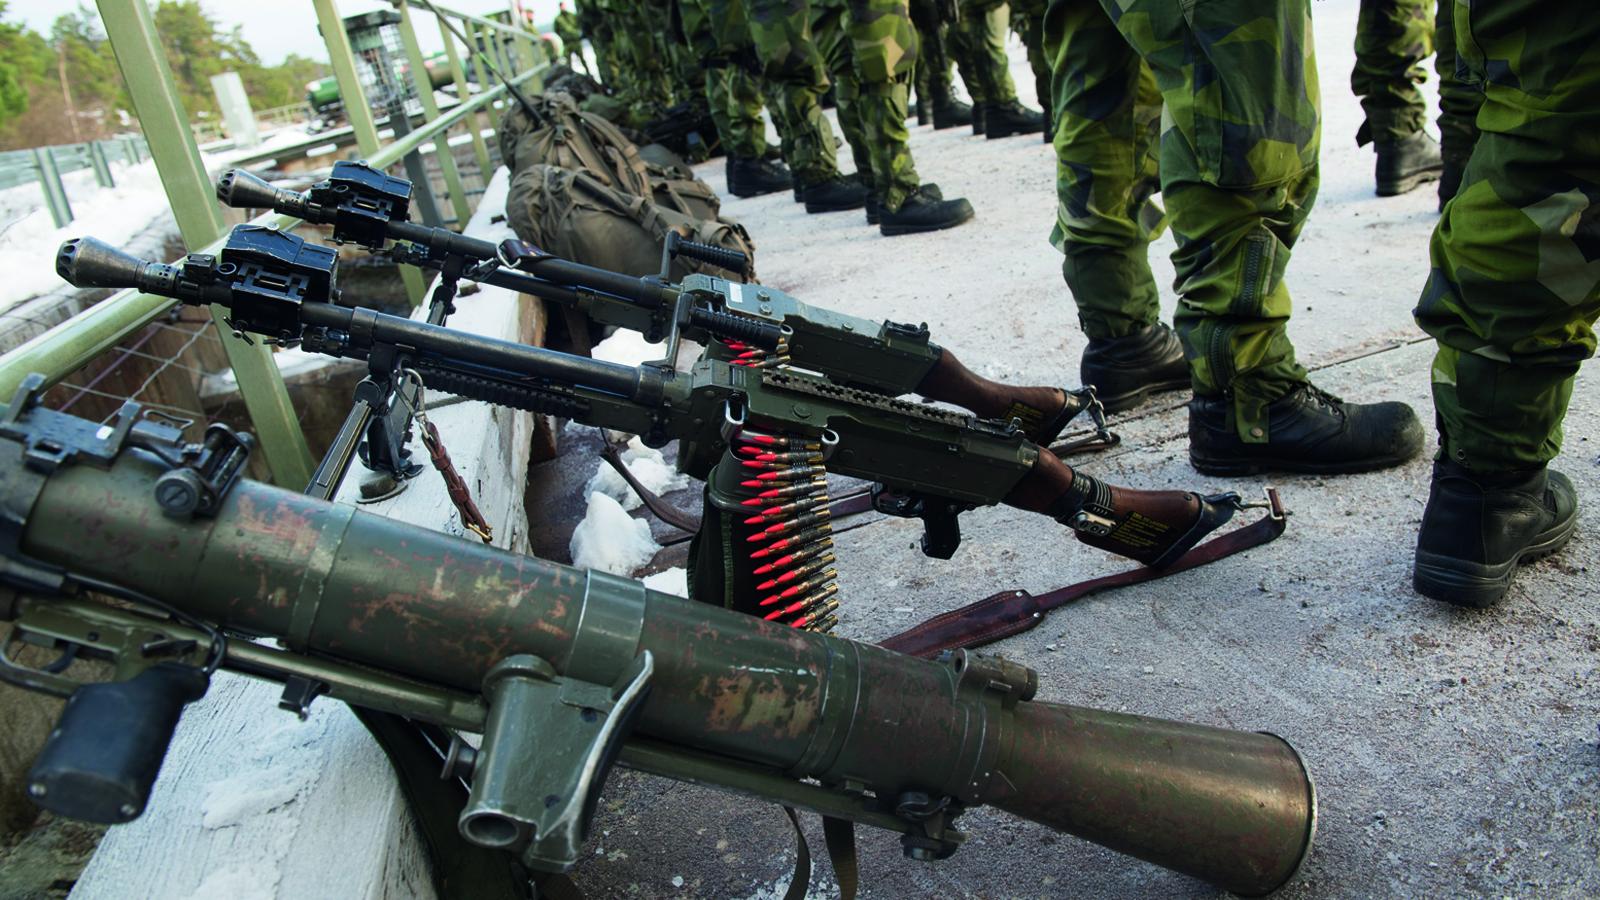 Skarpt vapenexport ska utredas